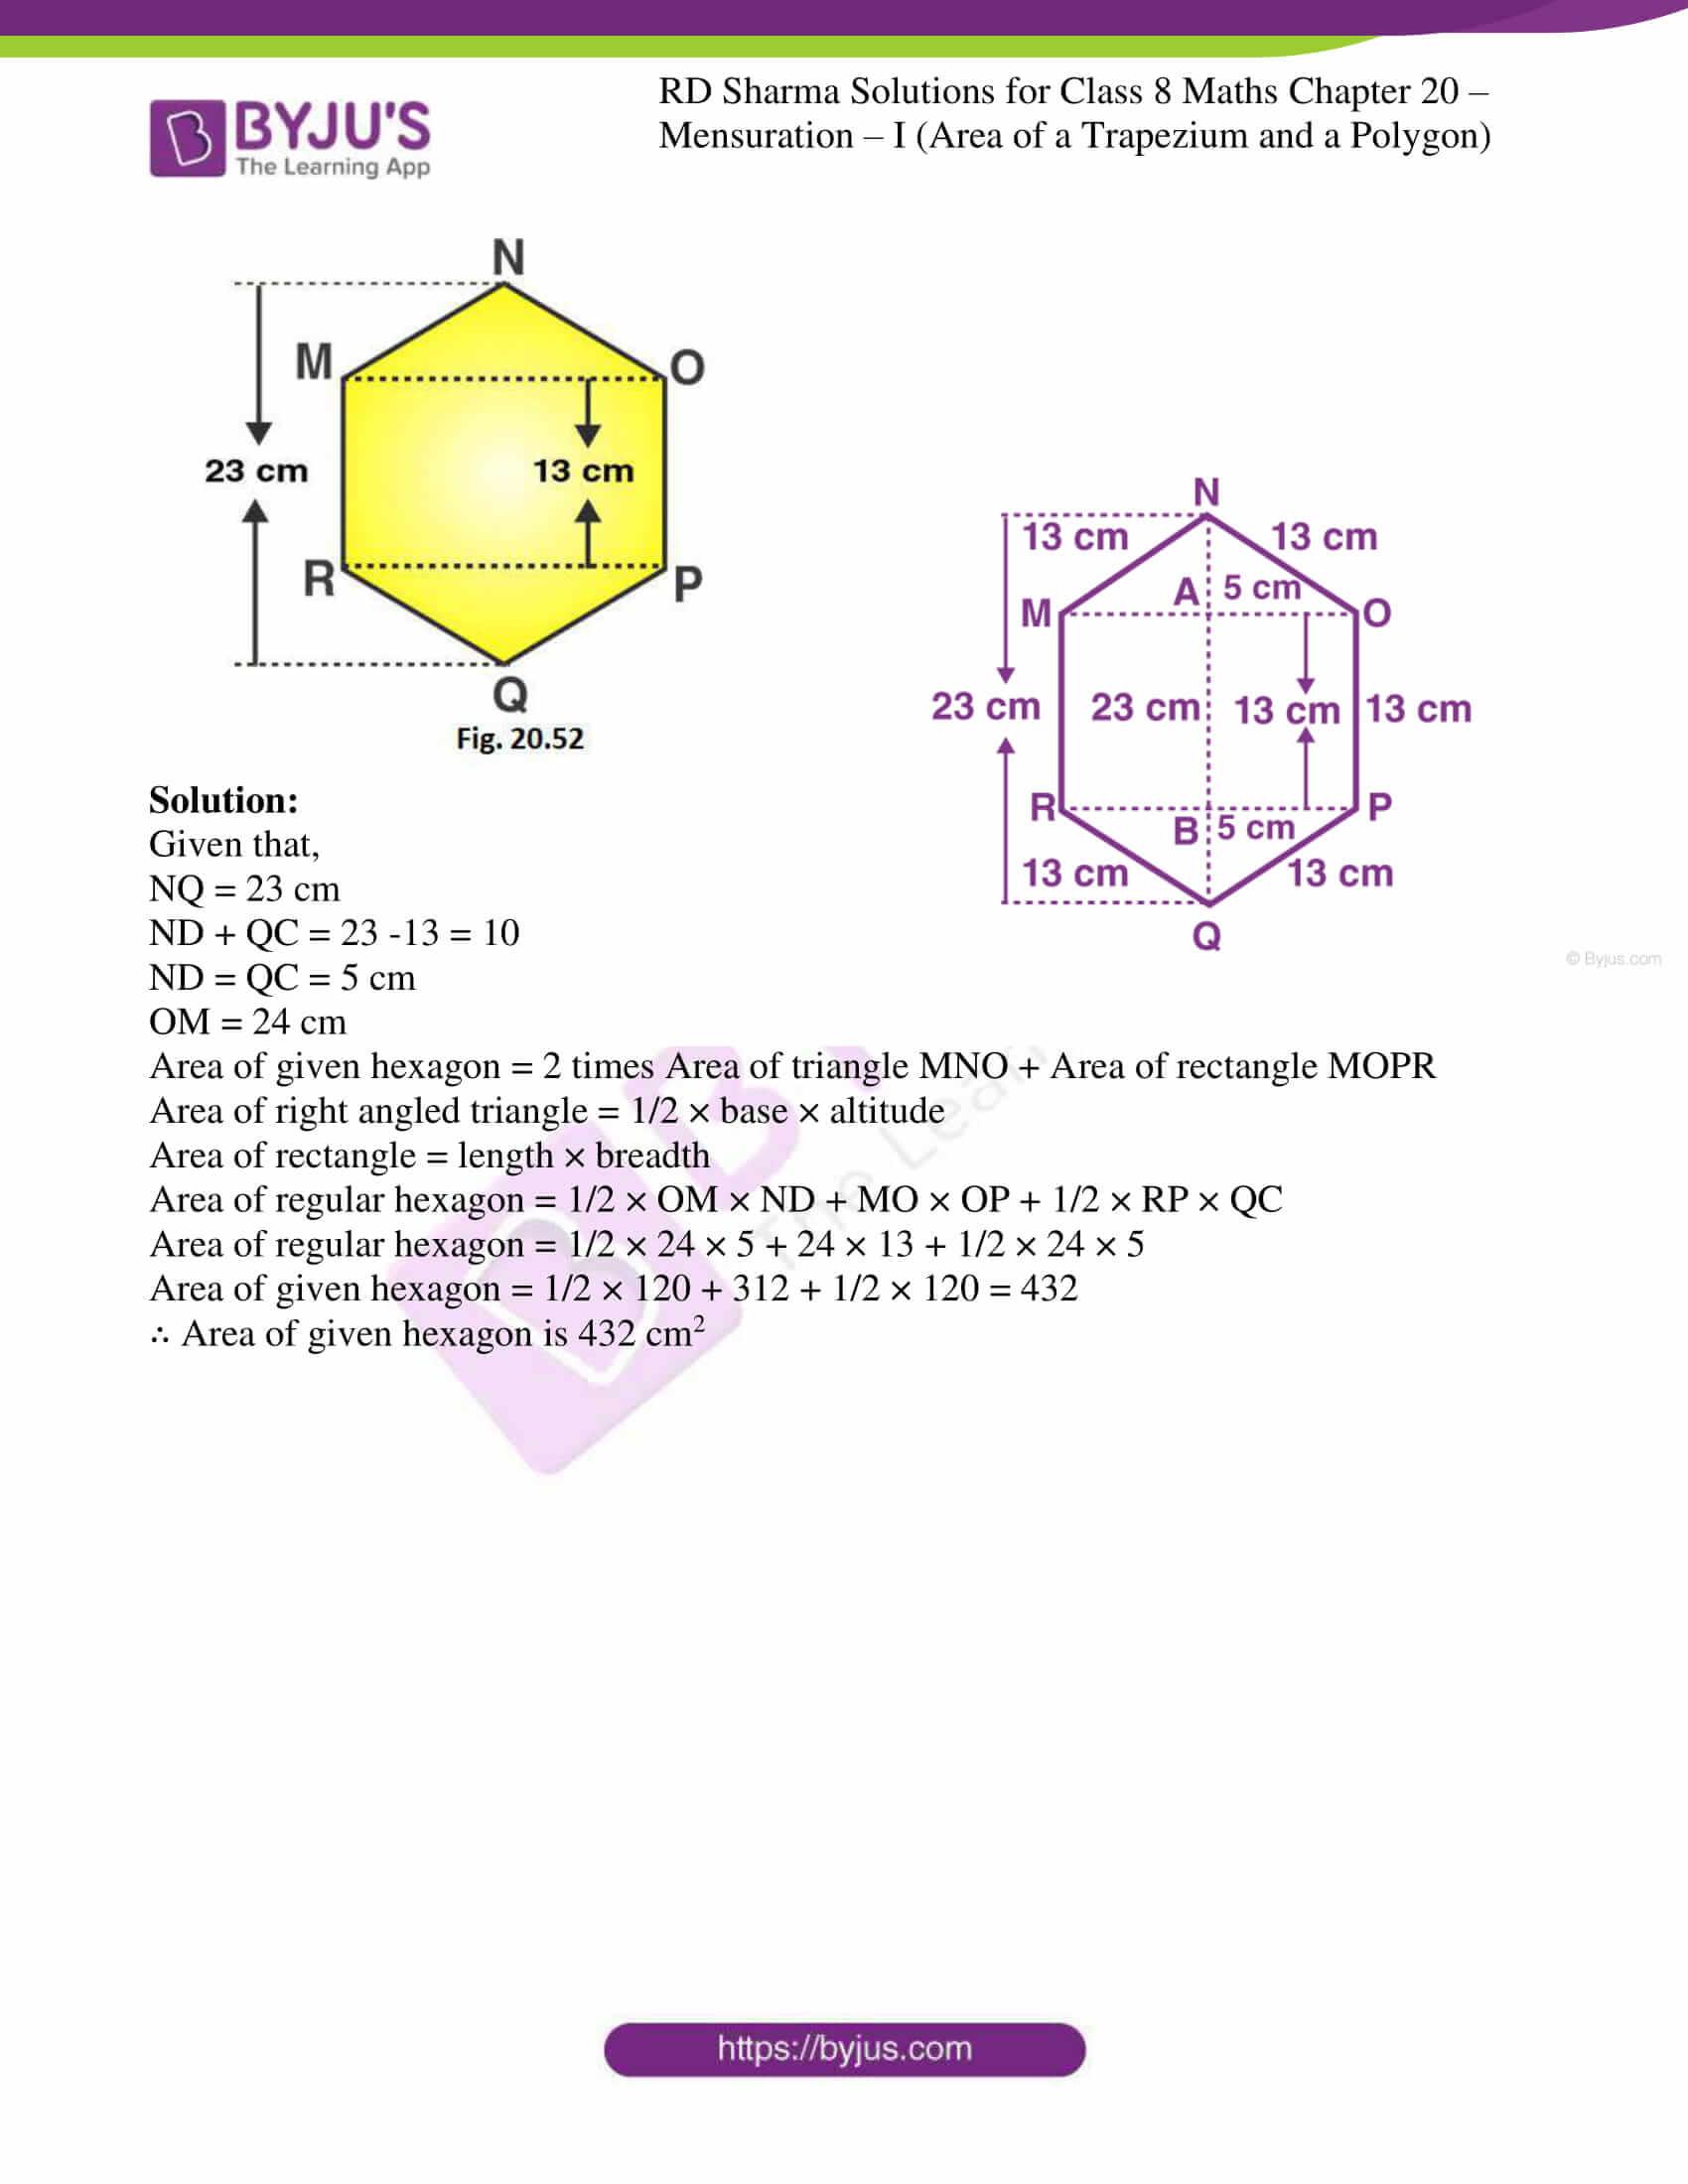 rd sharma class 8 maths chapter 20 ex 3